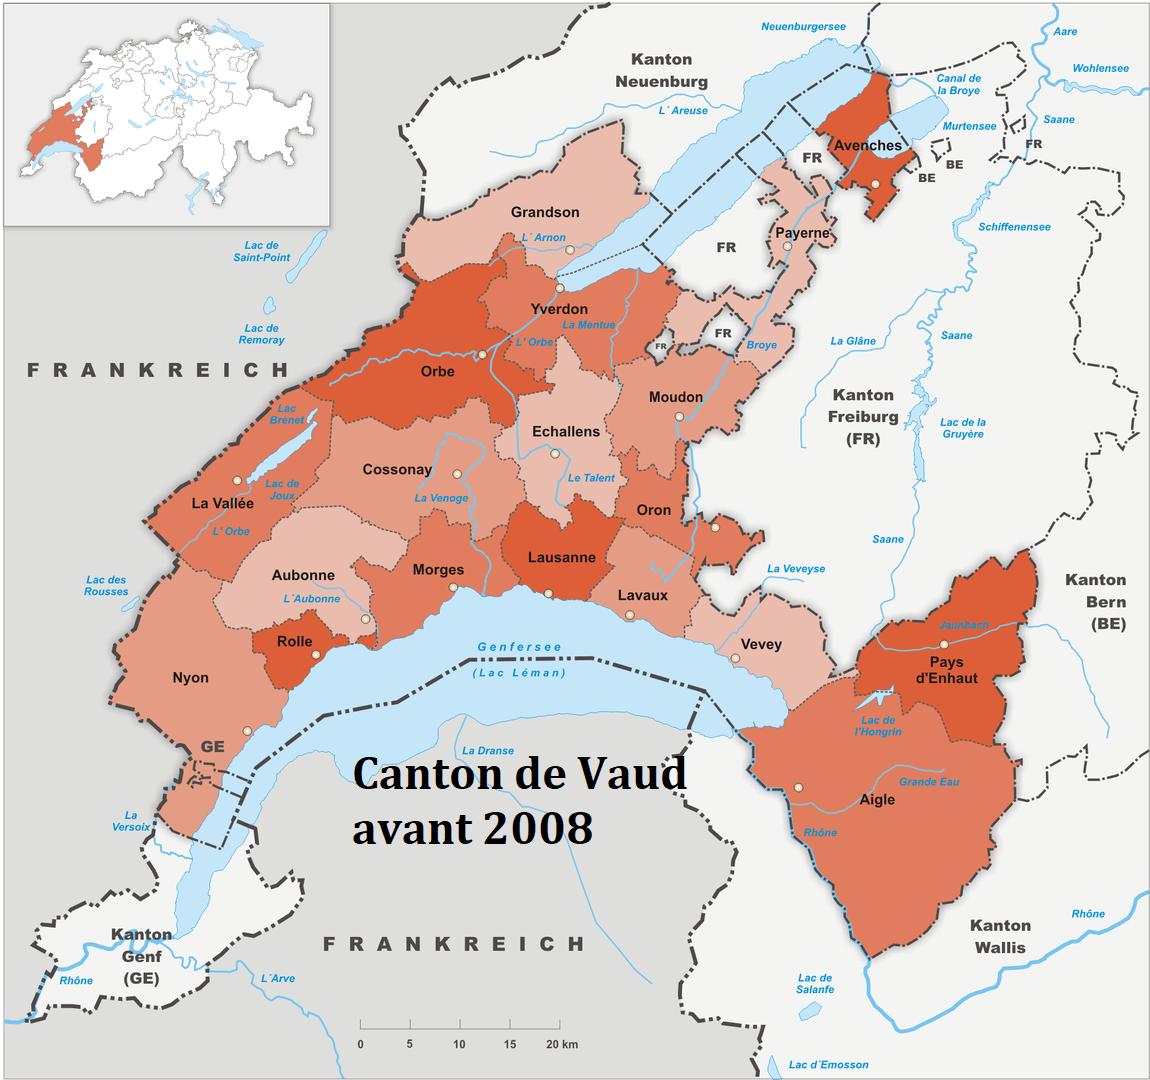 Les district du canton de Vaud de 1803 à 2007. En 2008 le nombre de district est réduit (voir carte en haut de page)